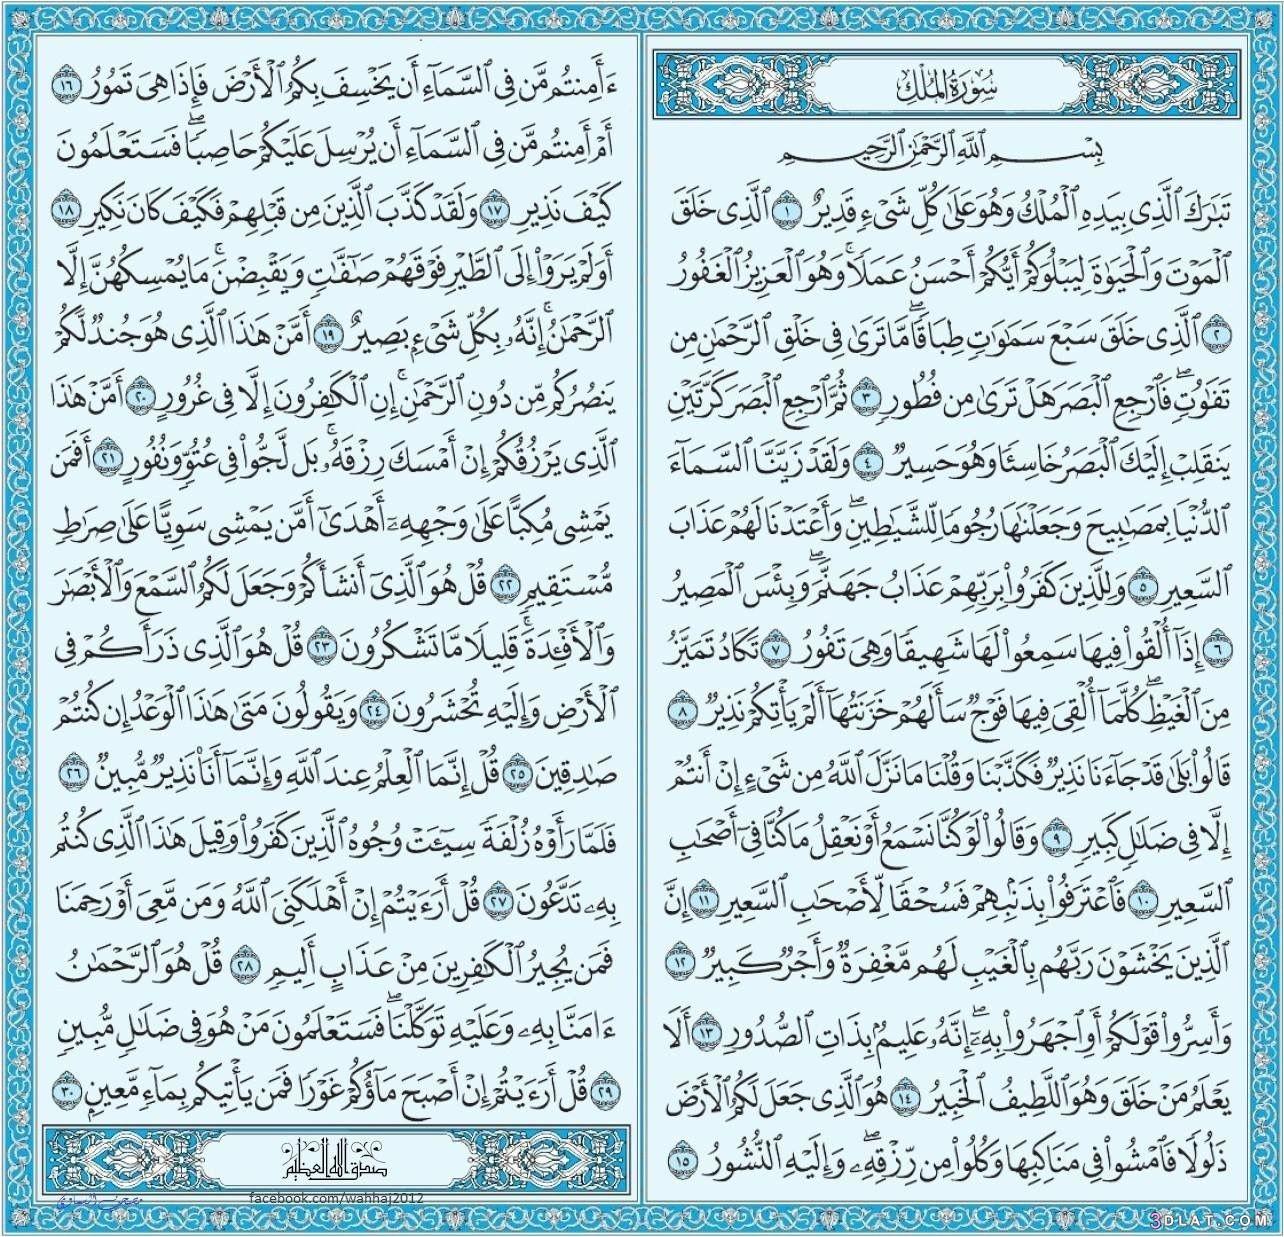 يجوزلأحد يقرأ سورة ..الملك أهله الذين 3dlat.com_19_18_50ec